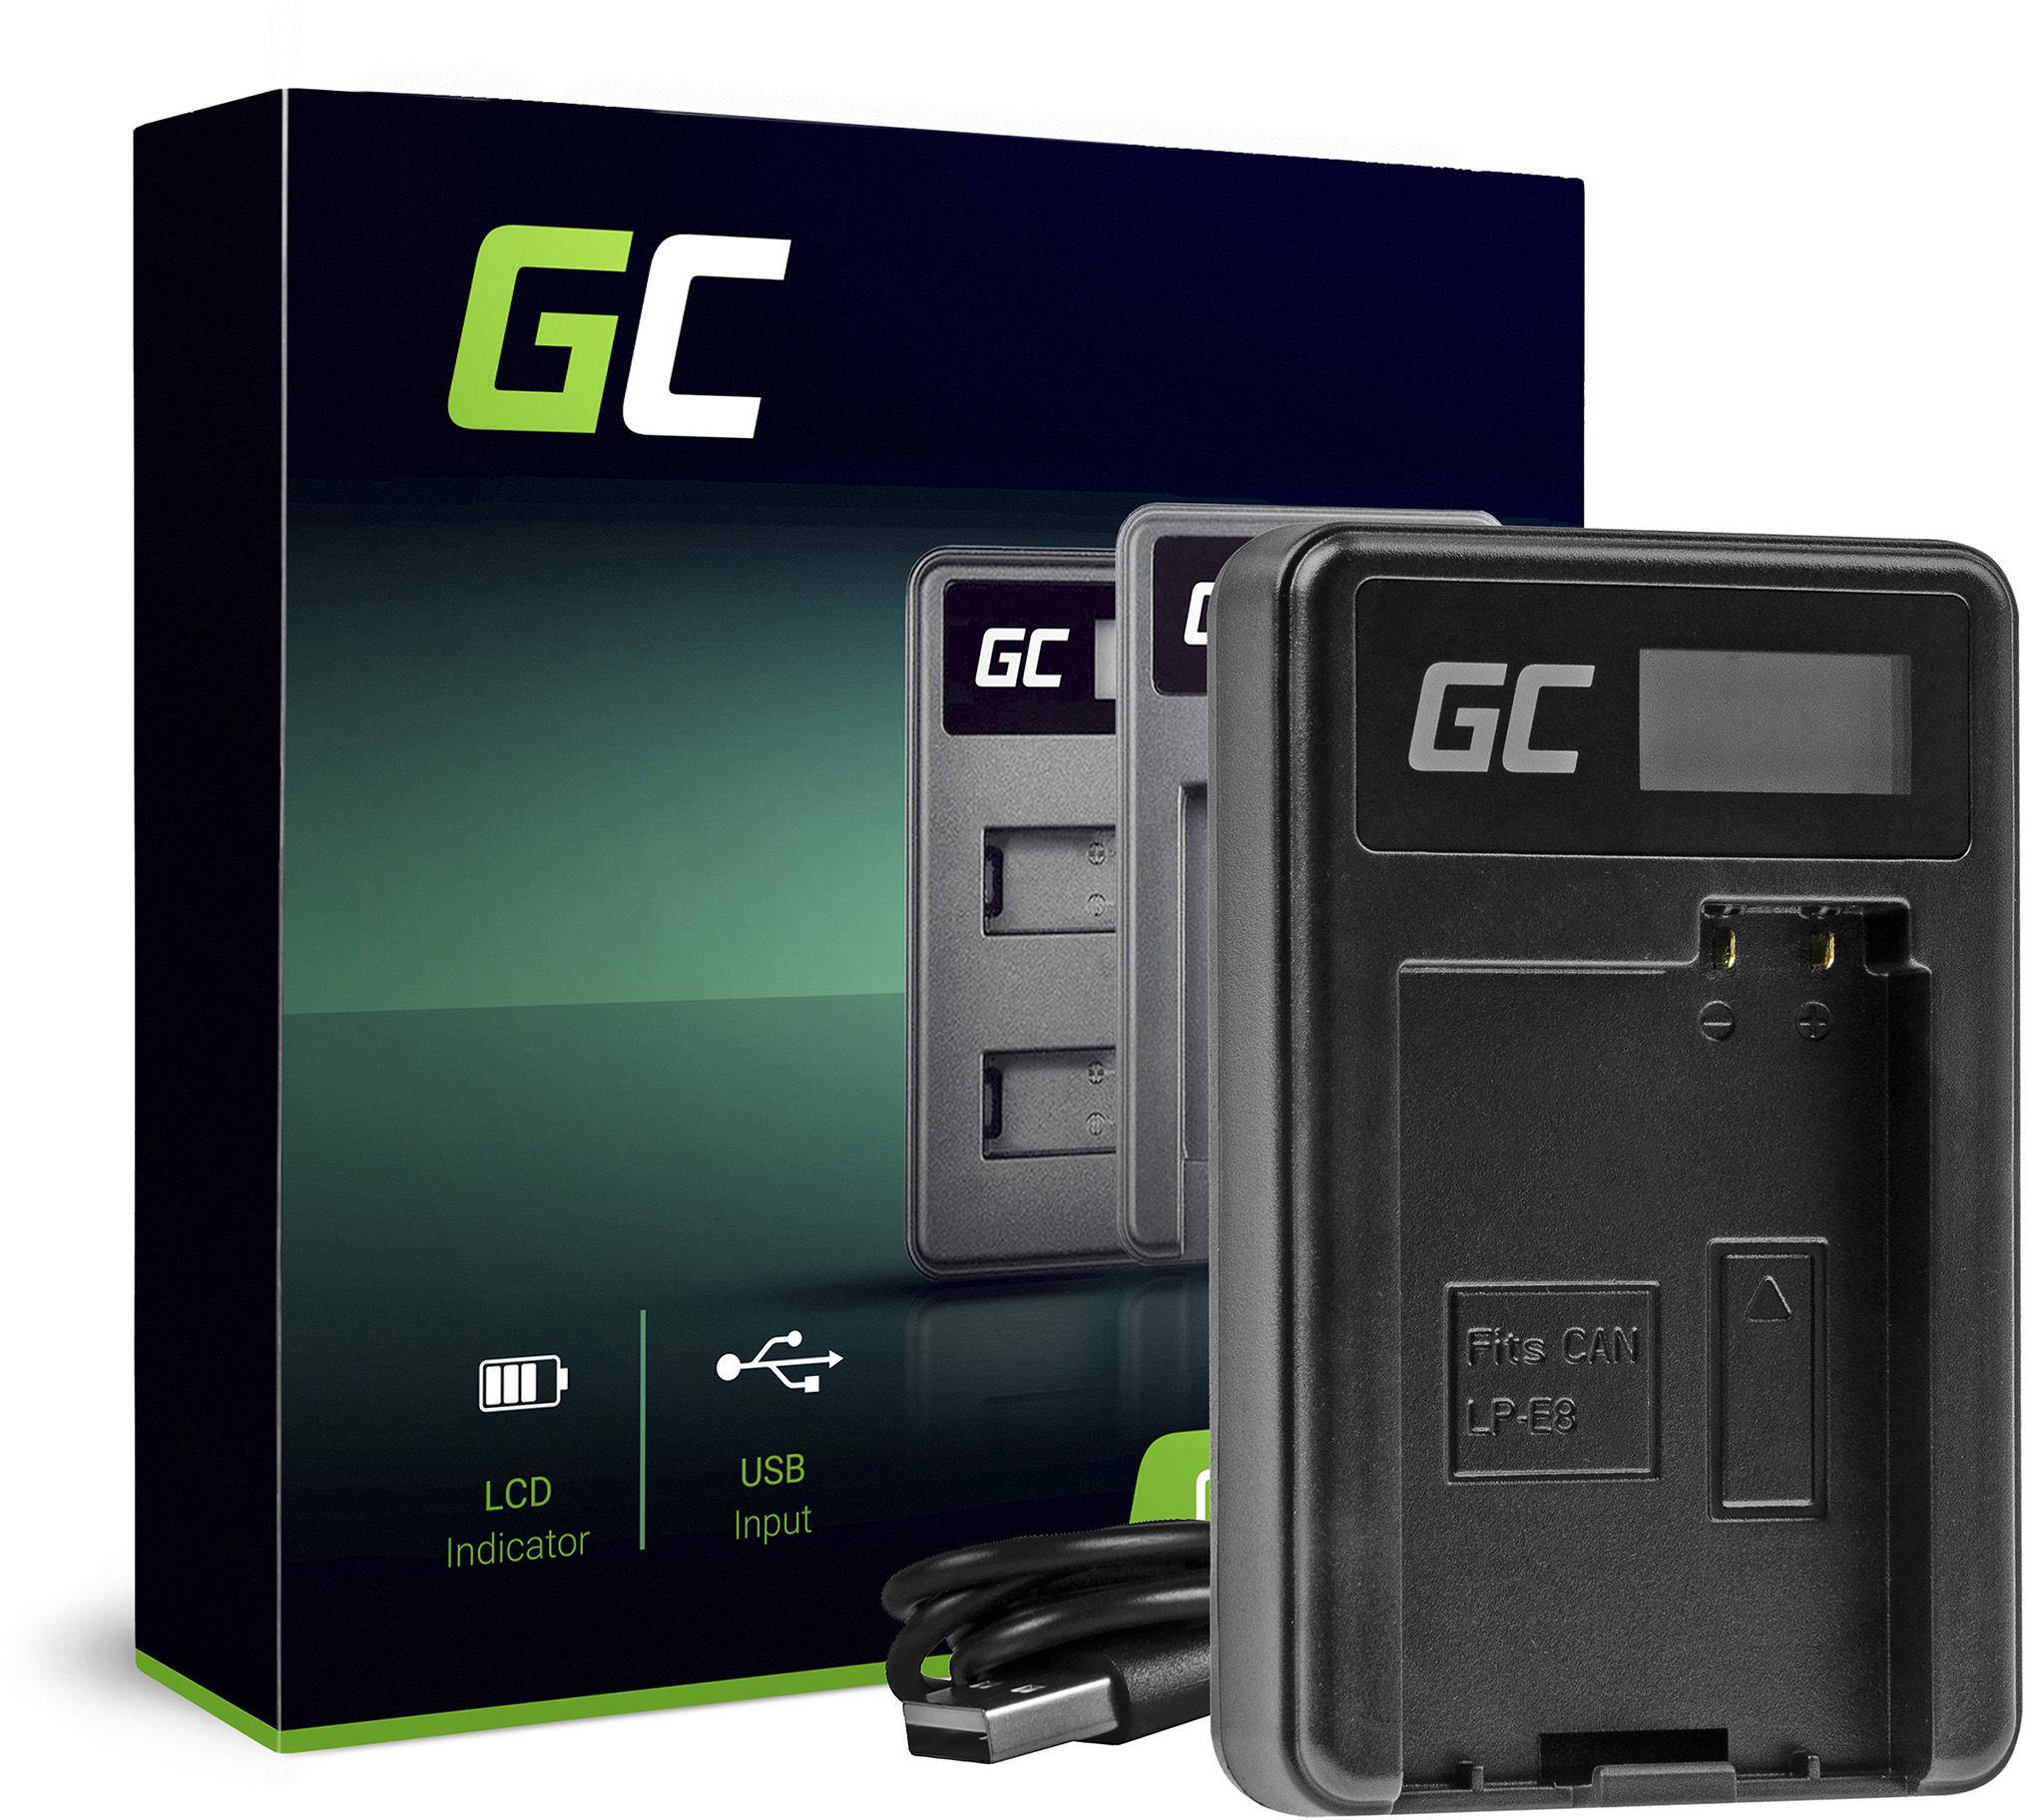 Ładowarka LC-E8 Green Cell  do Canon LP-E8, EOS Rebel T2i T3i T4i T5i EOS 600D 550D 650D 700D Kiss X4 X5 X6 (2.5W 4.8V 0.6A)